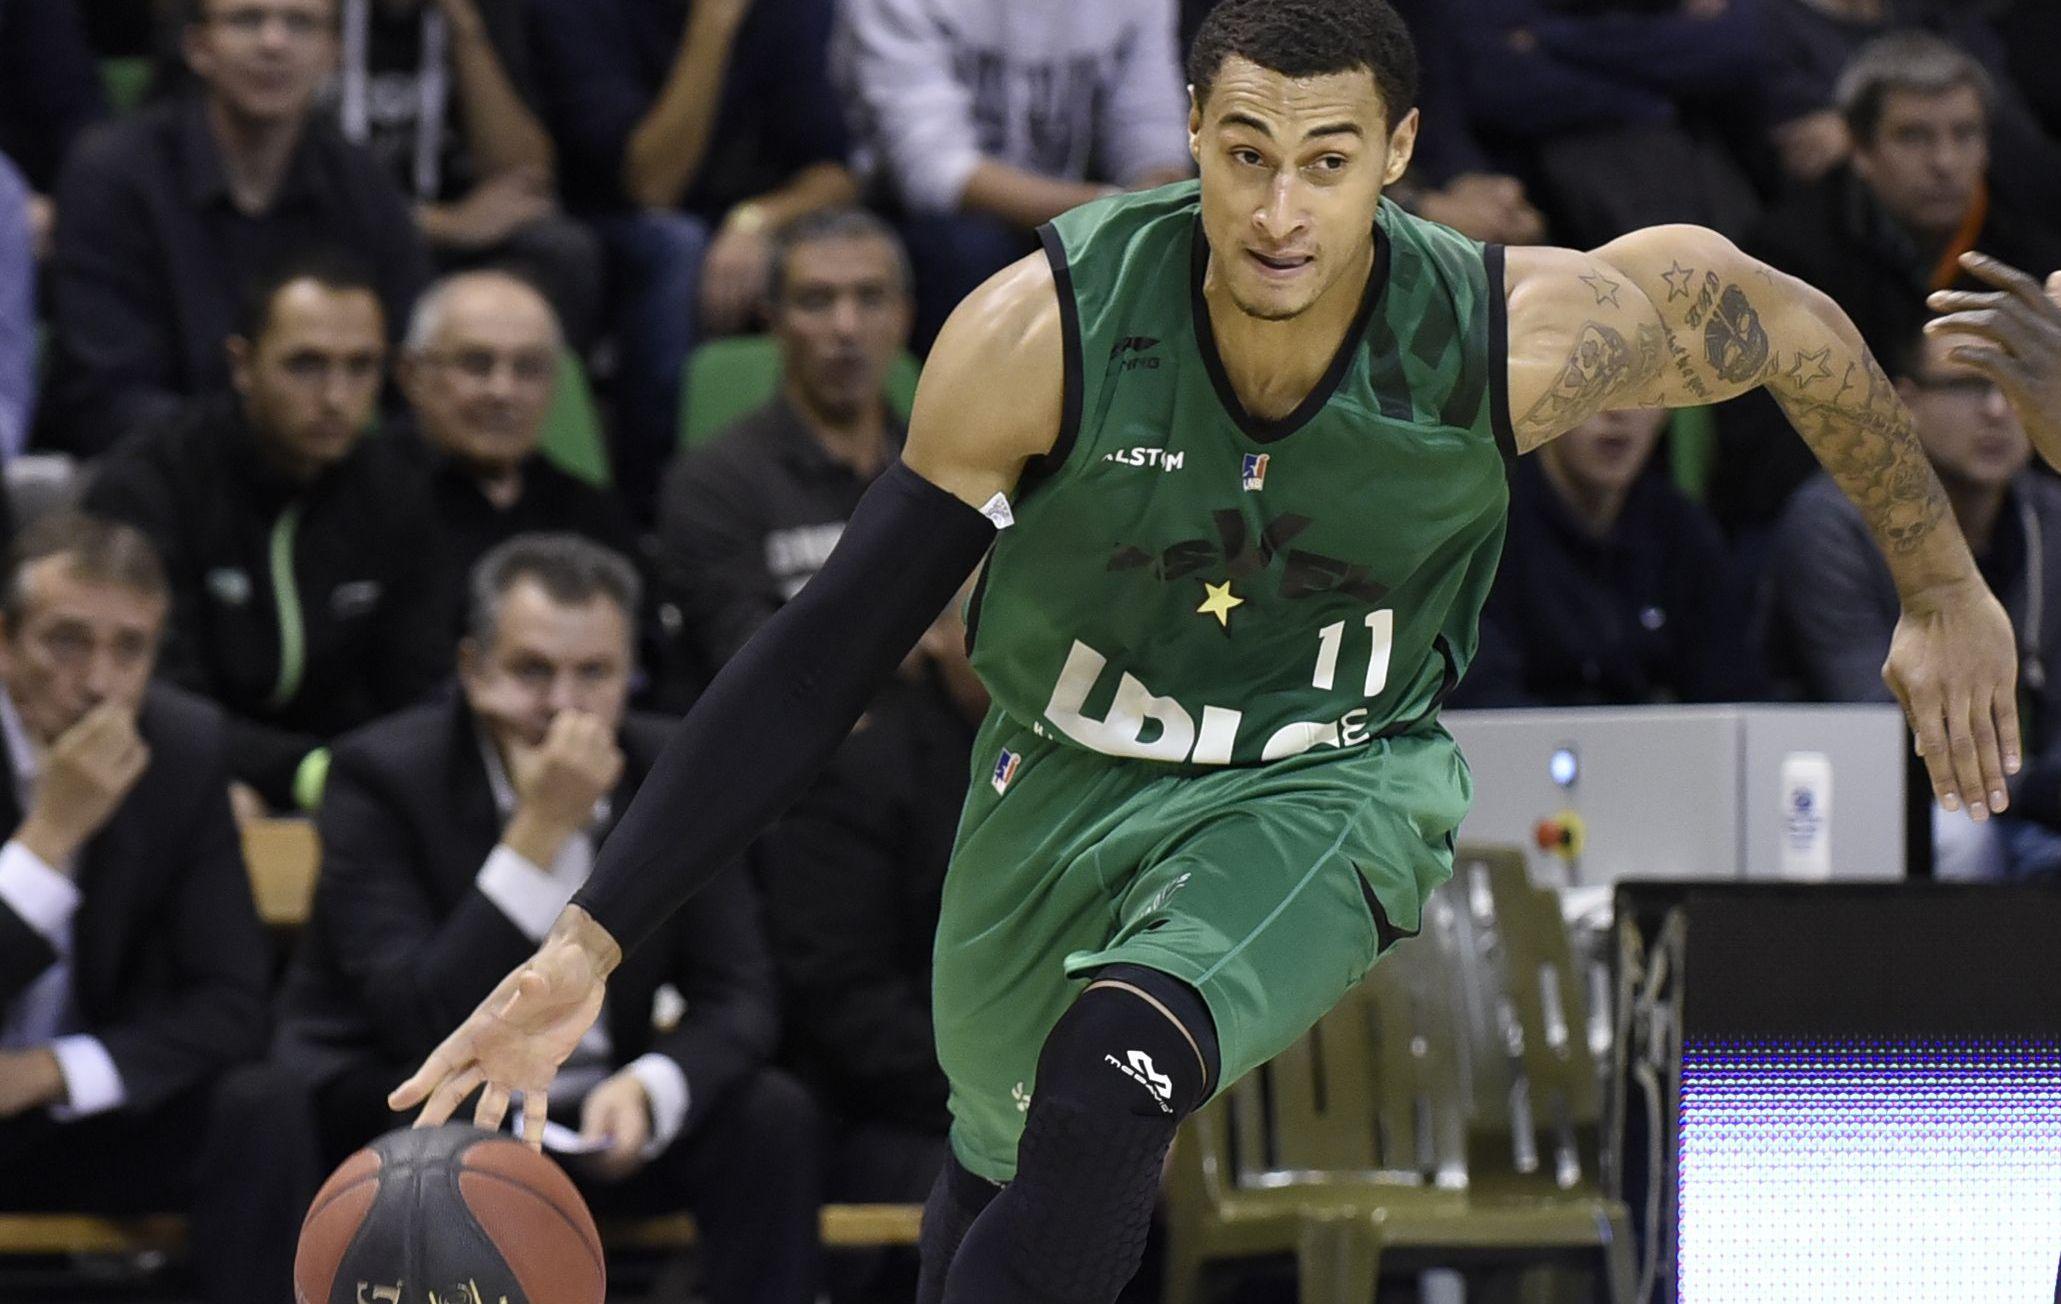 Basket - Pro A - Limoges g�che la der d?Edwin Jackson � l'Asvel